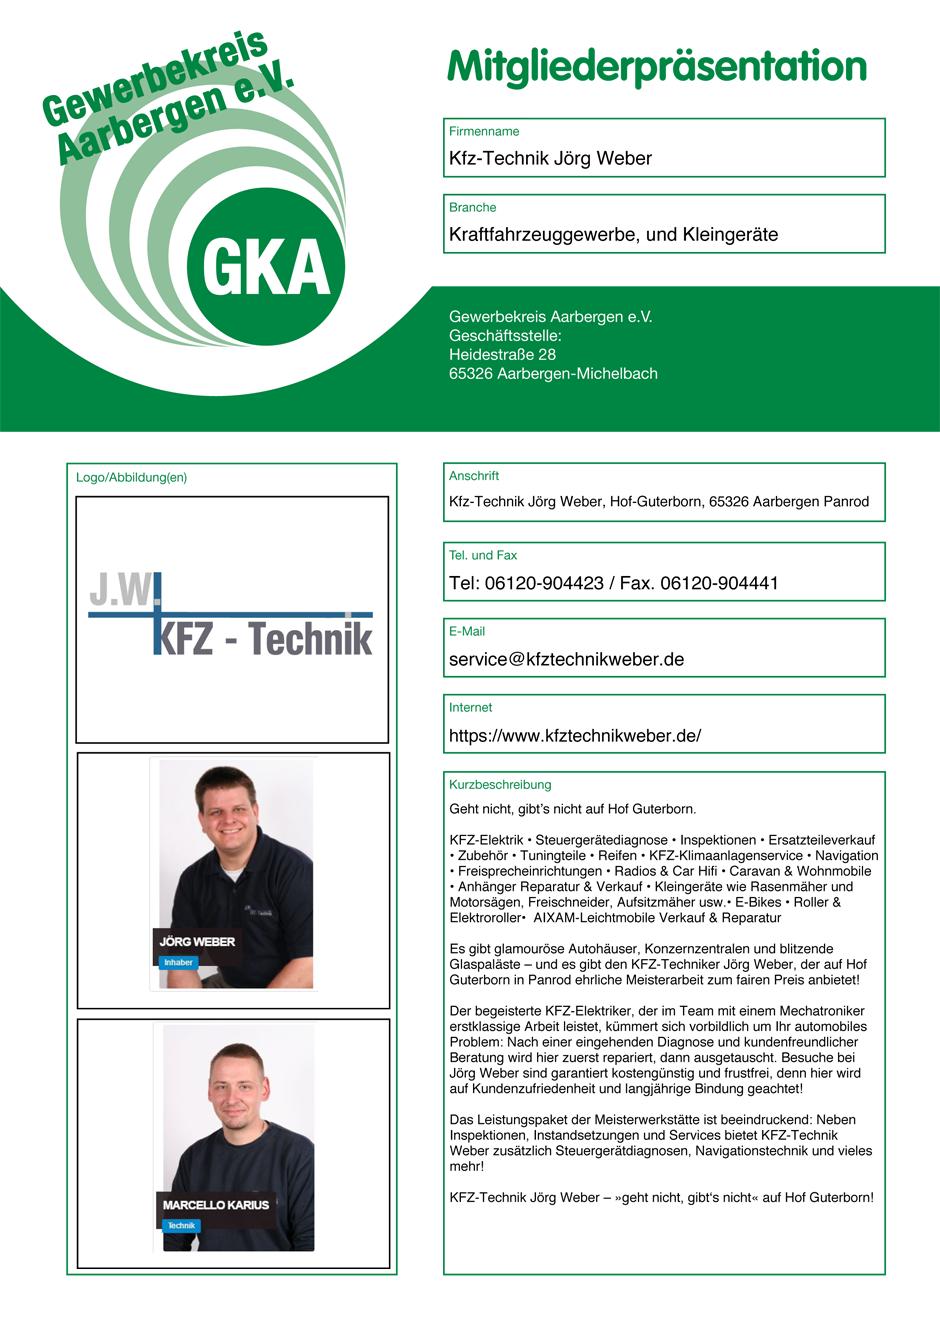 Mitgliederpräsentation von KFZ-Technik Jörg Weber im Schaukasten des Gewerbekreises Aarbergen in Aarbergen-Michelbach